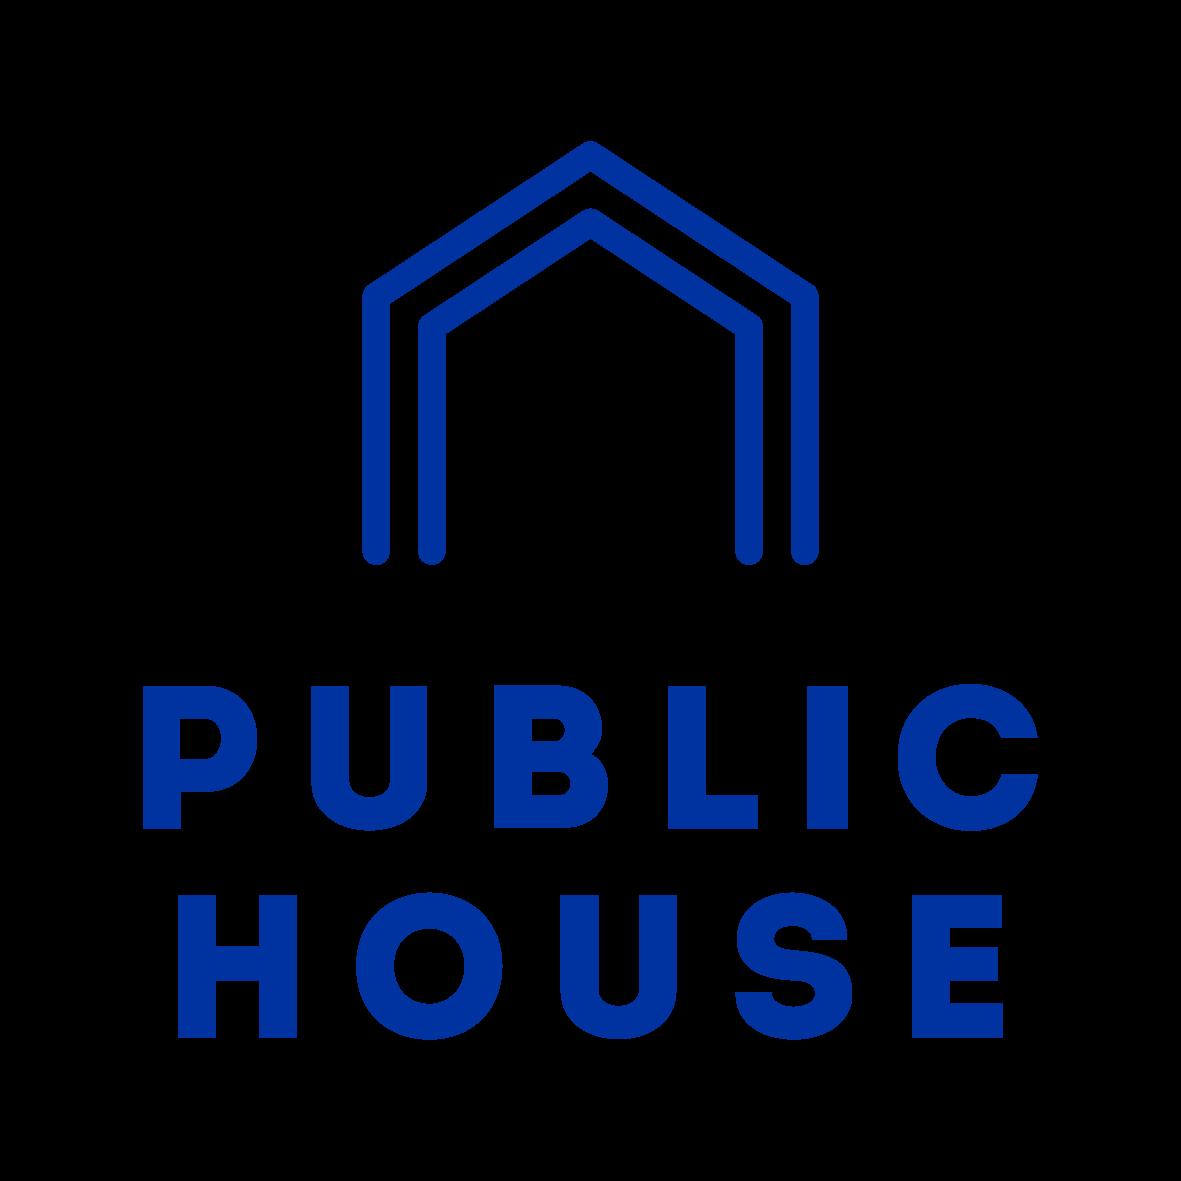 PUBLIC HOUSE_PMS286.png